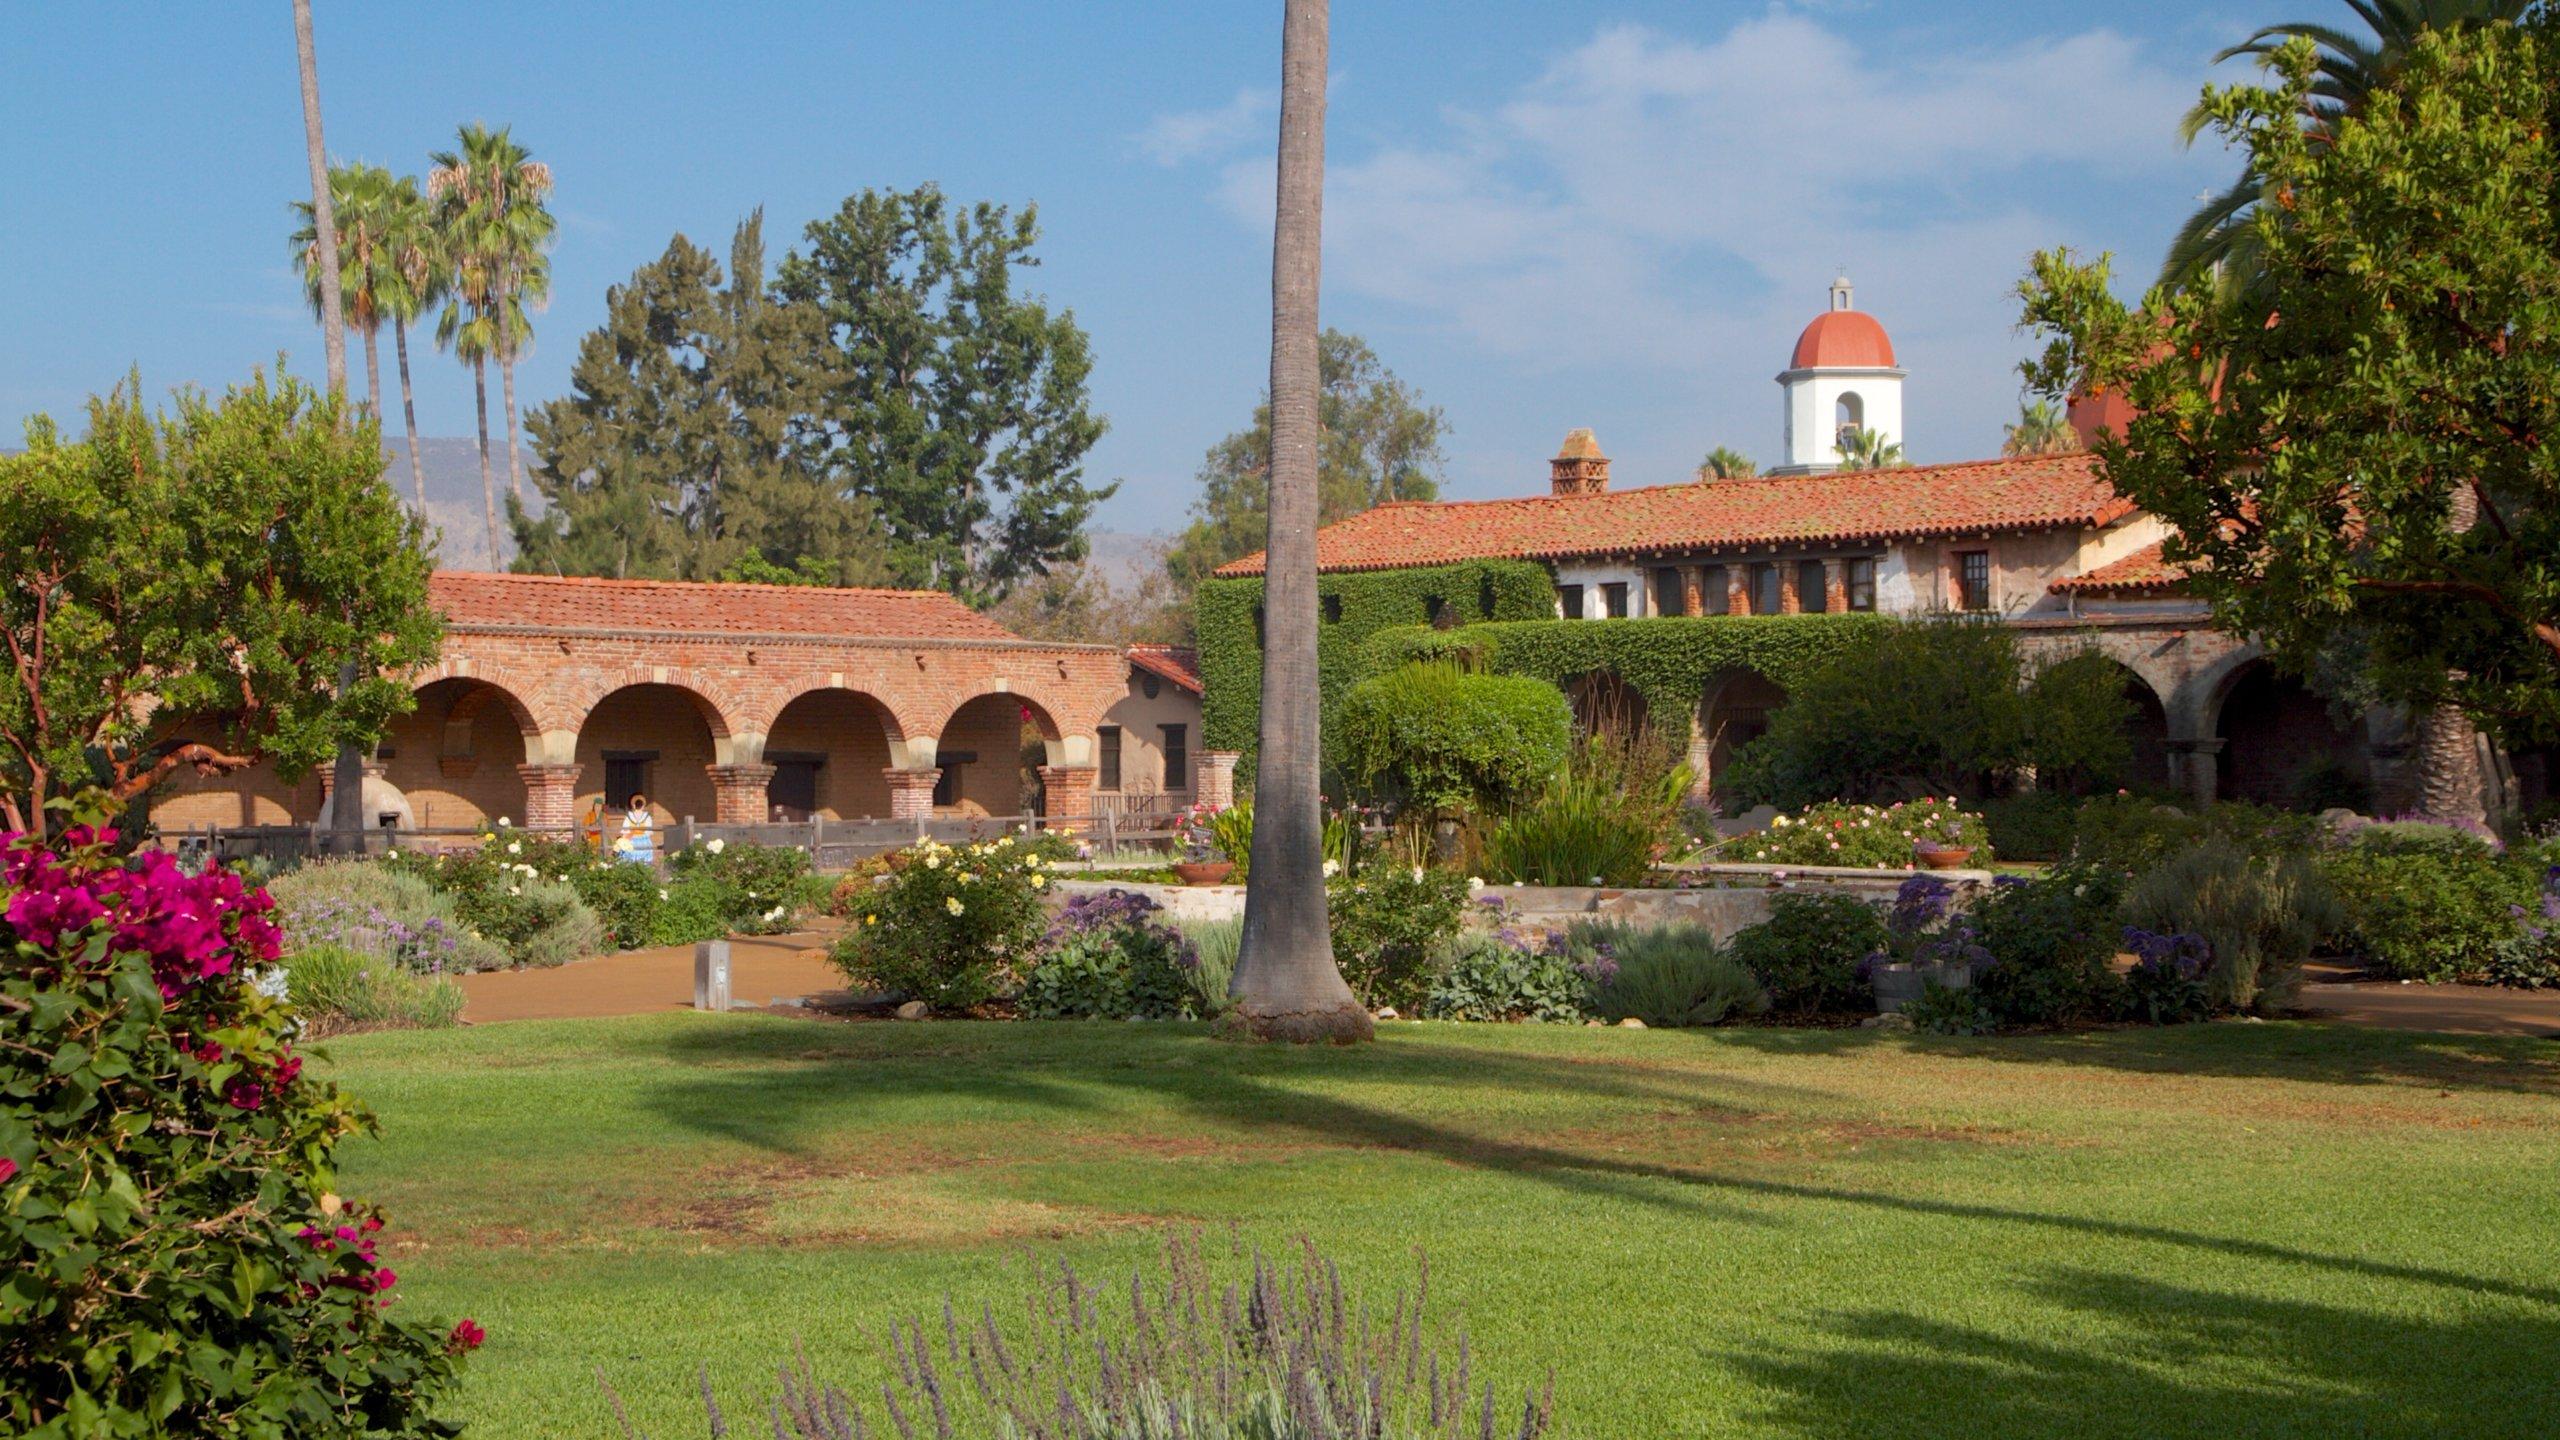 2020 San Juan Capistrano Travel Guide